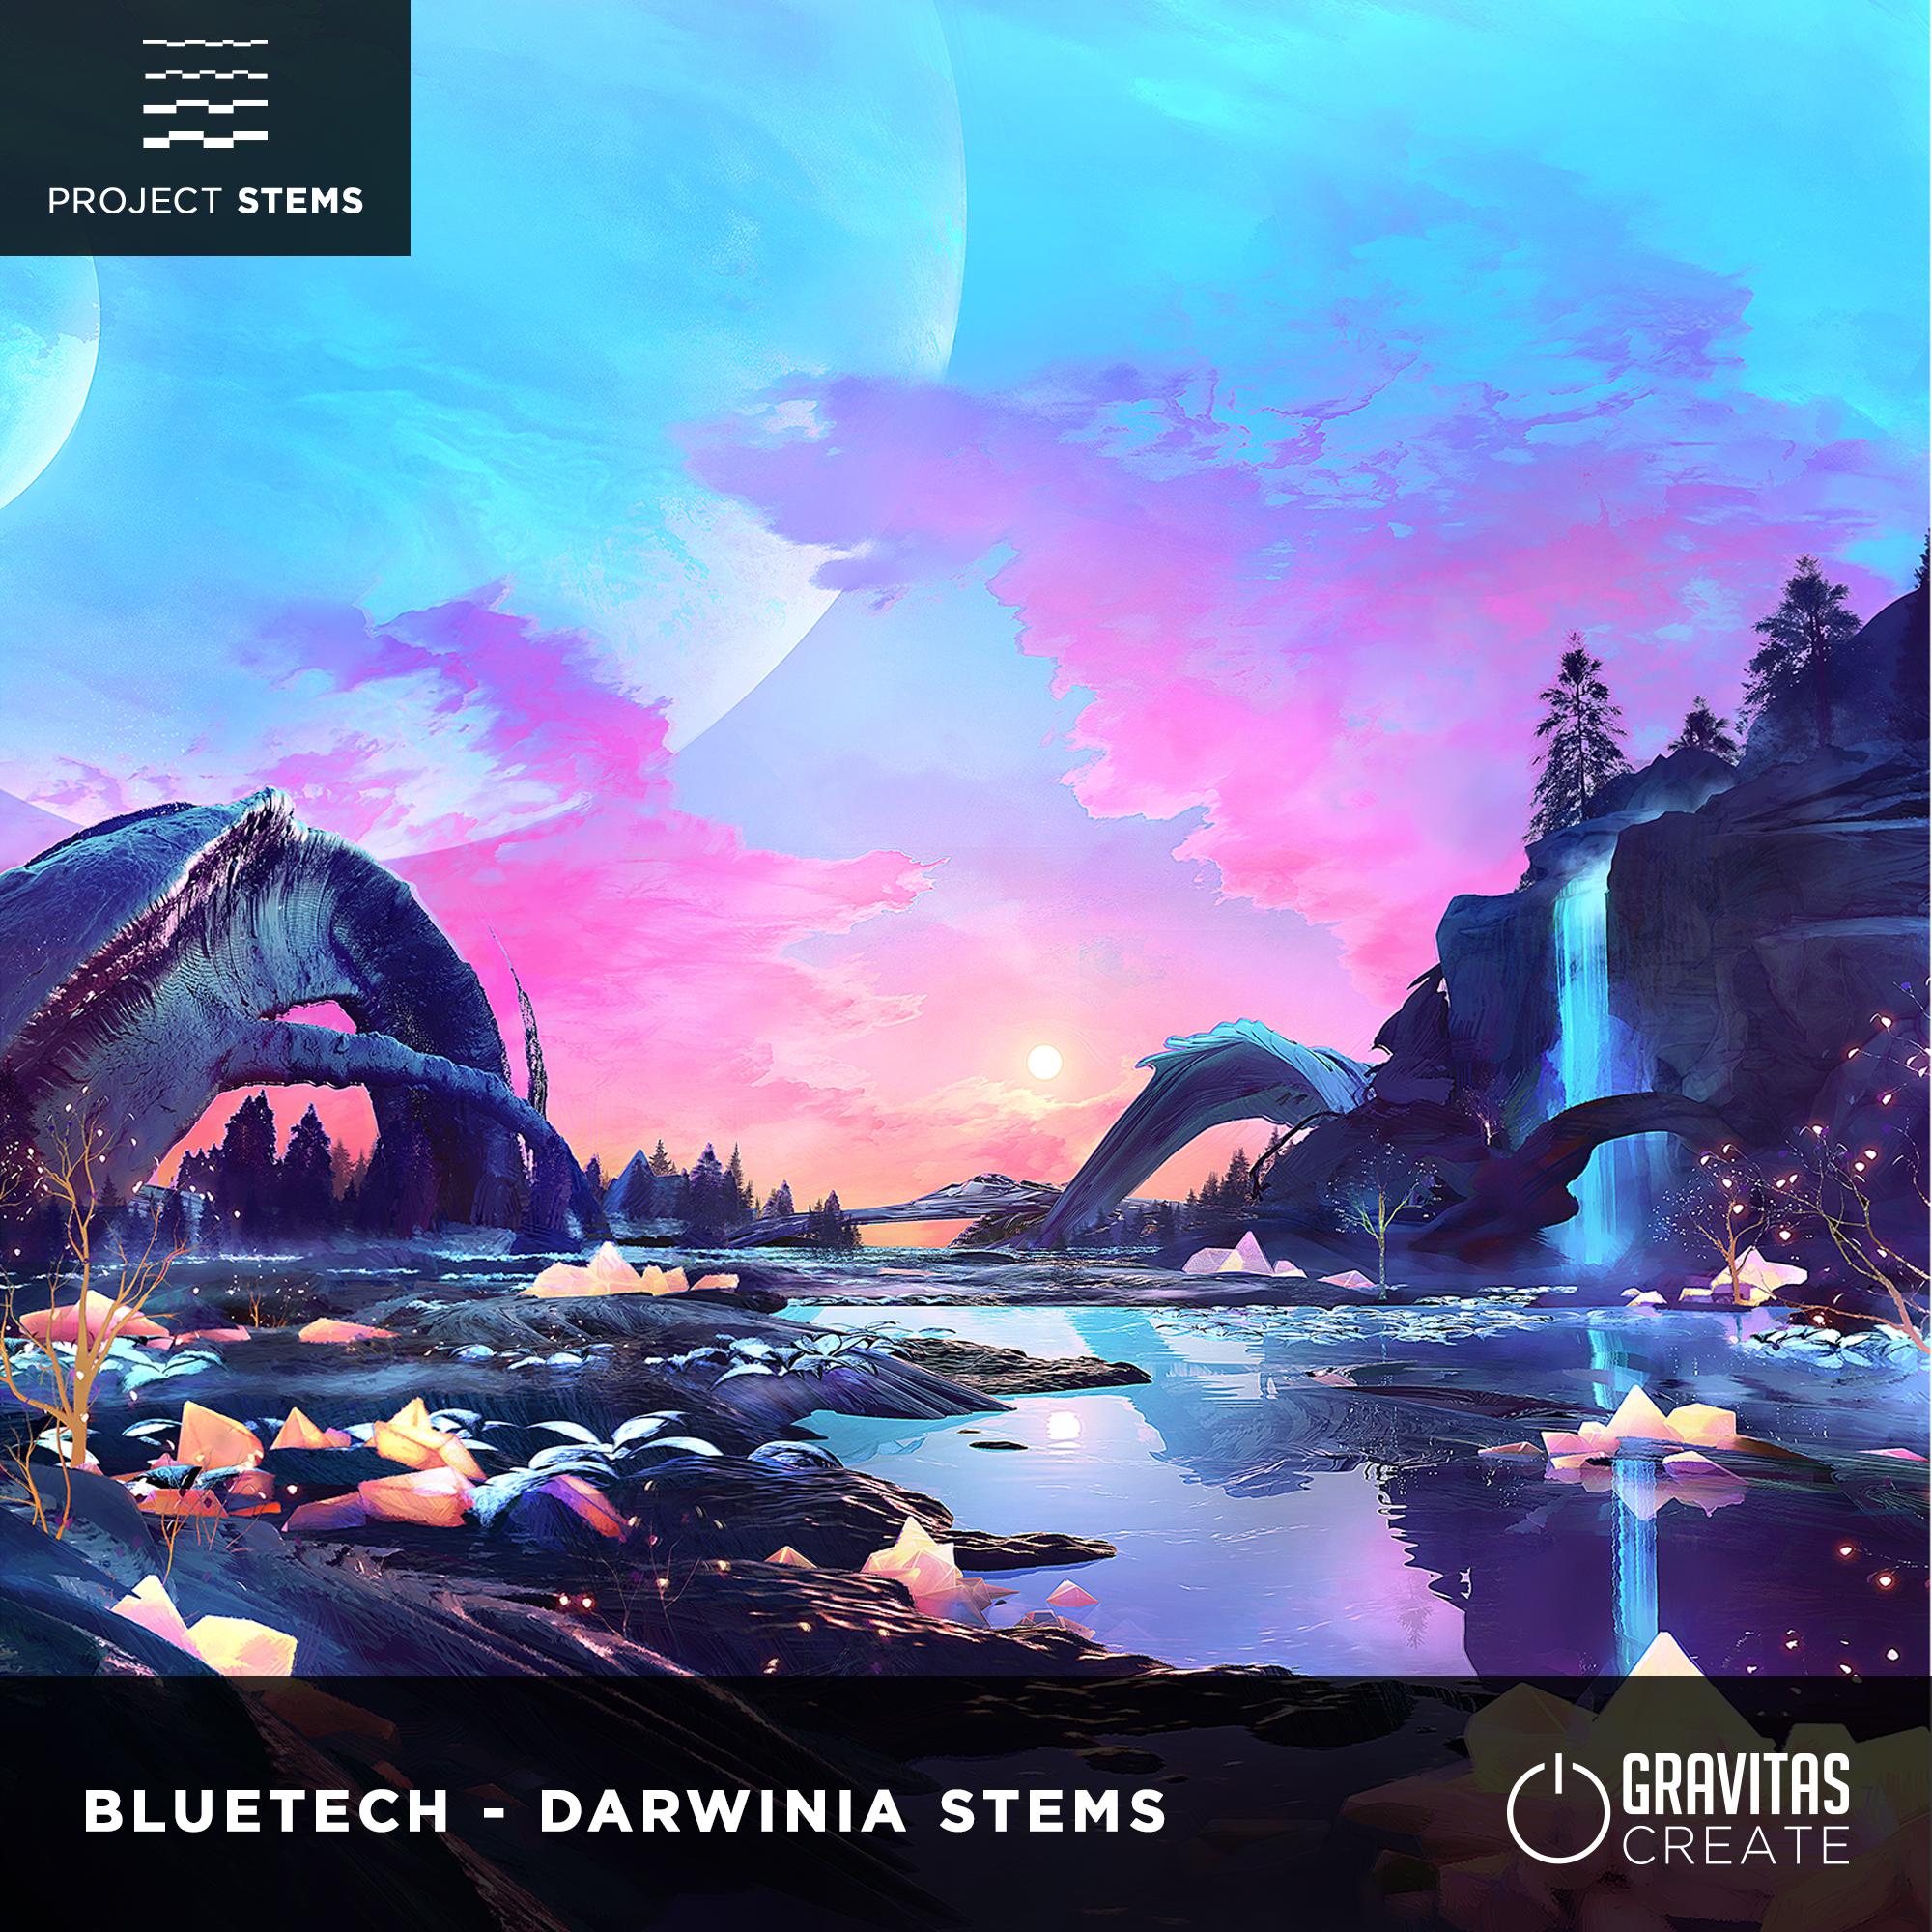 Bluetech - Darwinia Stems - Gravitas Create